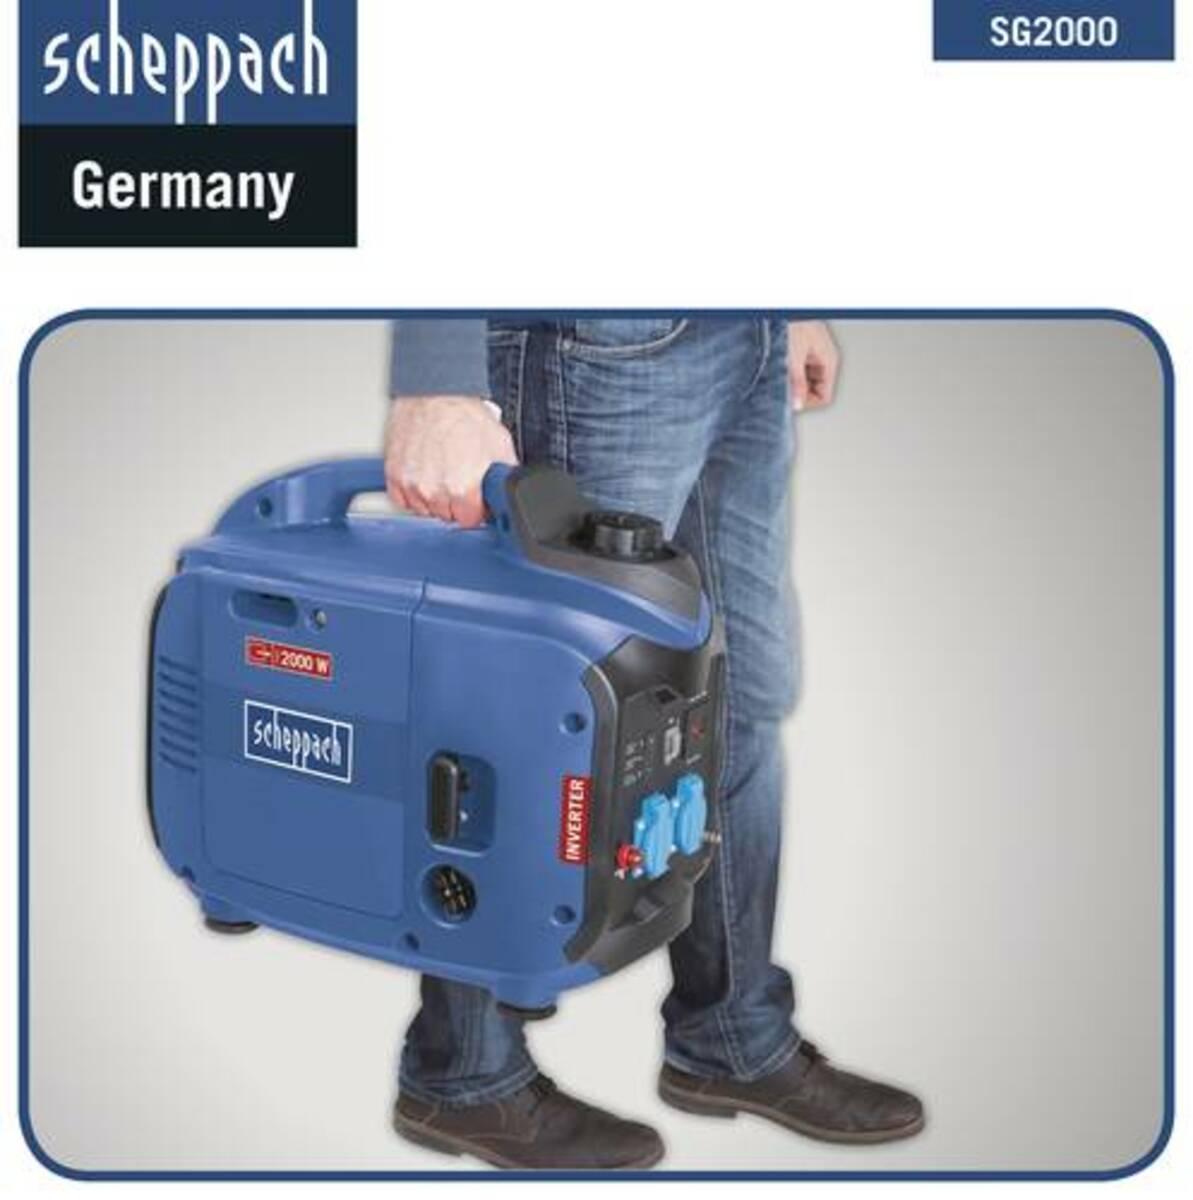 Bild 4 von Scheppach SG2000 Inverter Stromerzeuger 2000 W blau